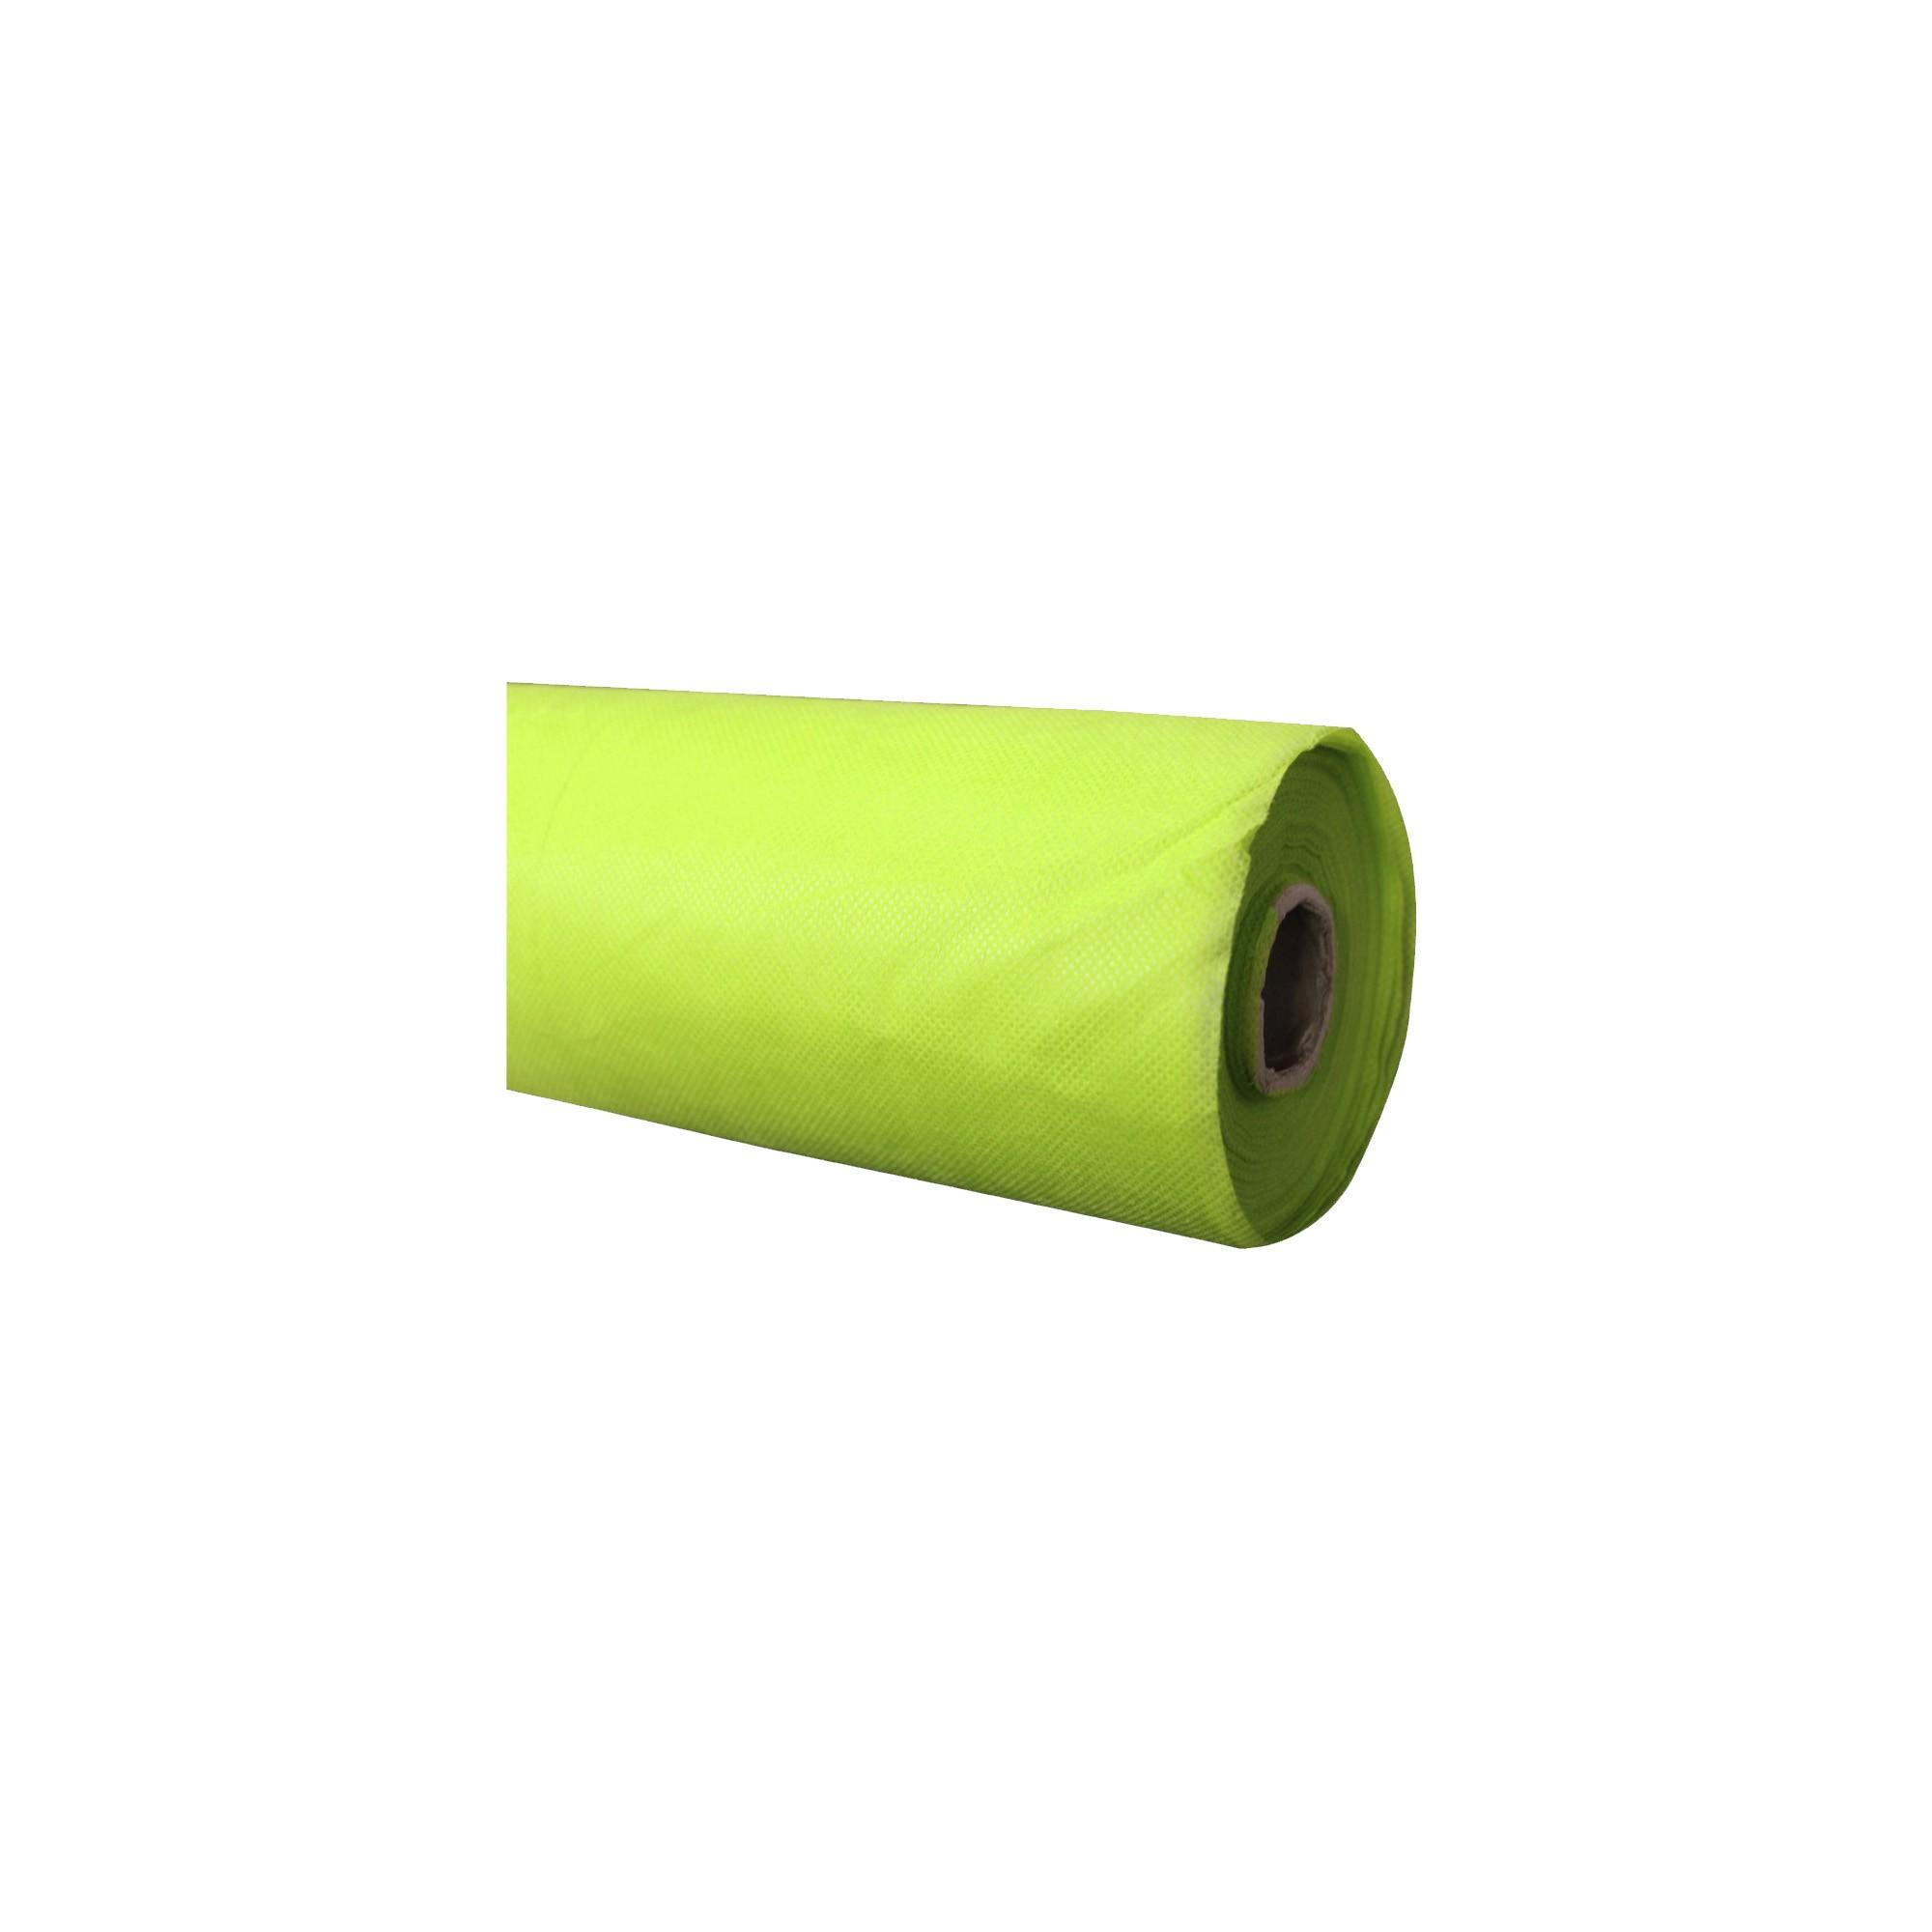 TNT LISO 10M - Verde Limão